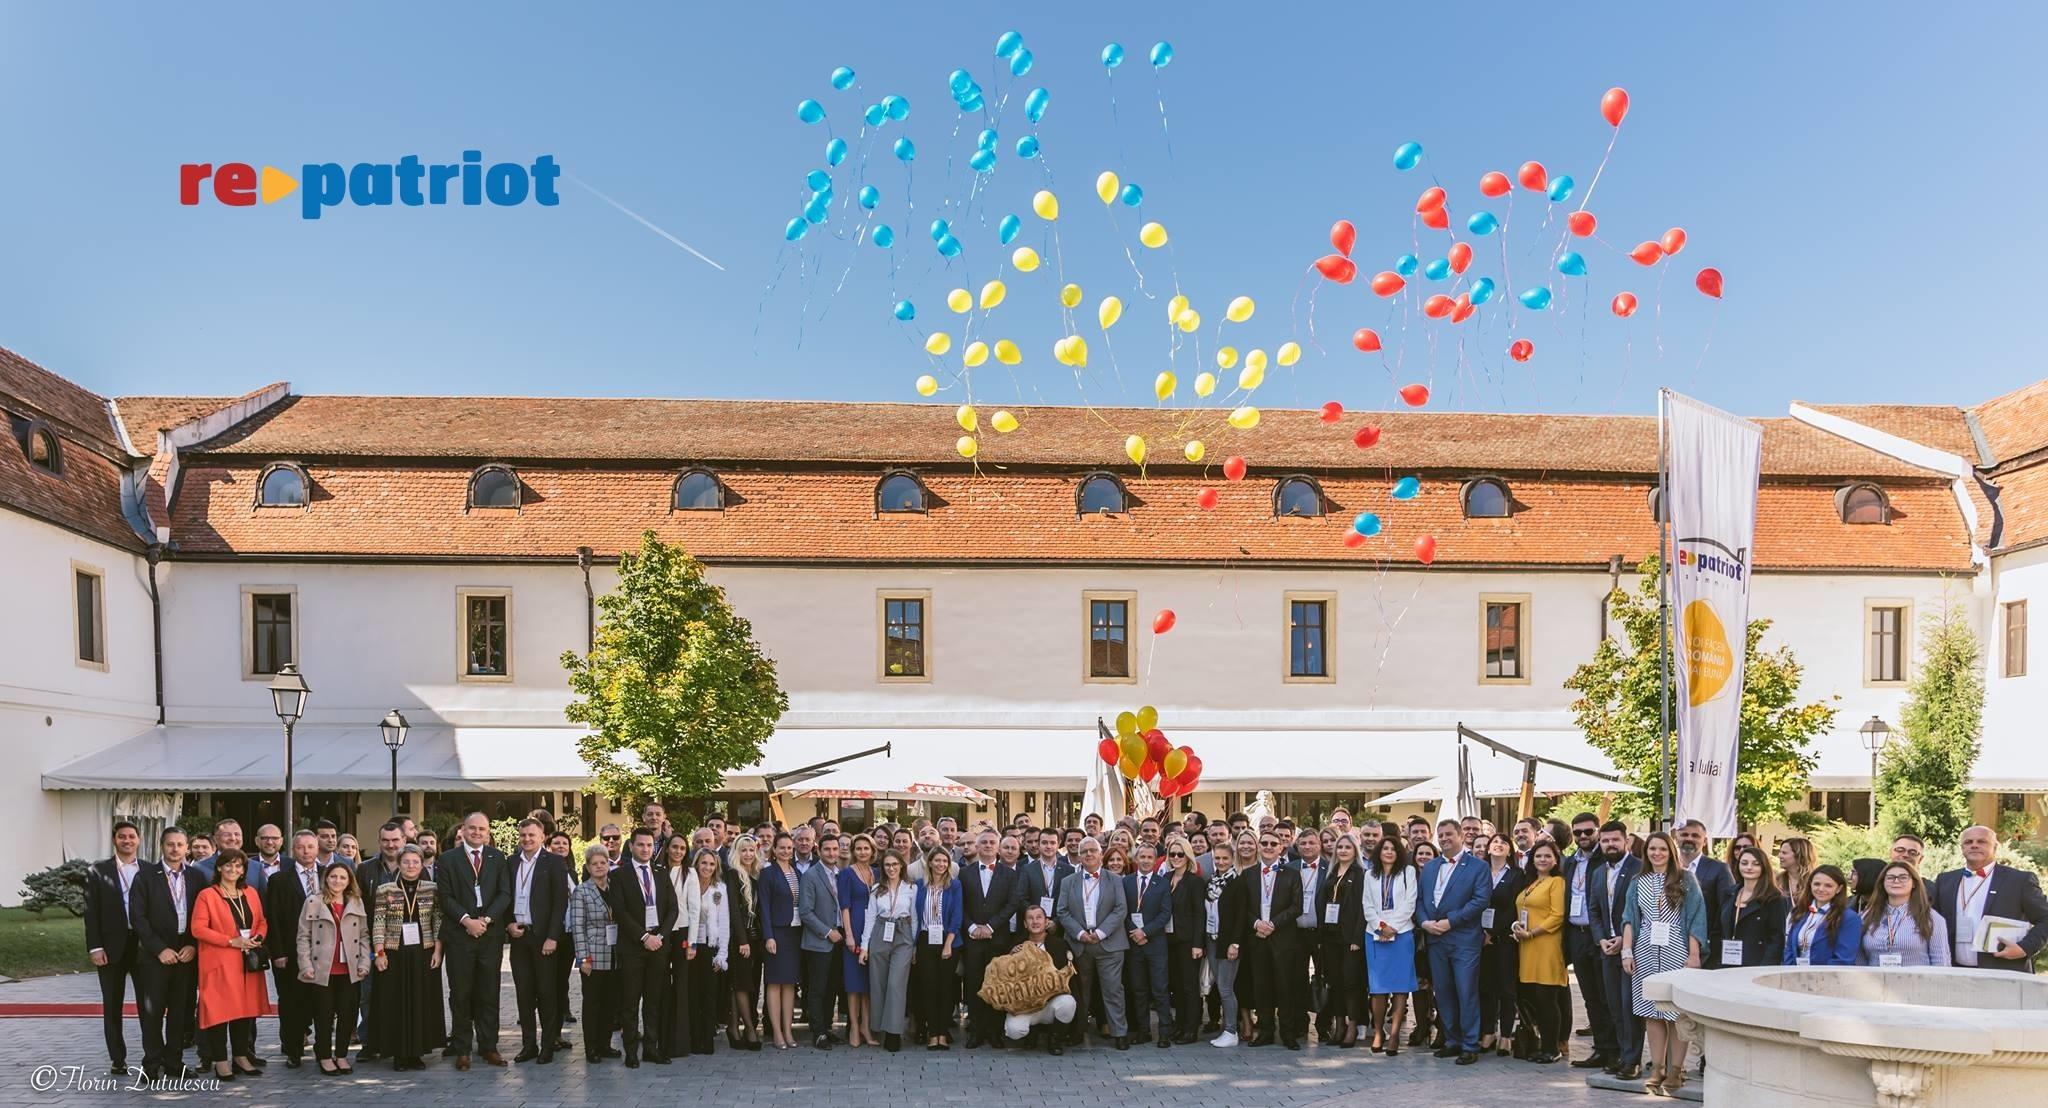 1 Decembrie 2019, la Alba Iulia: cea de-a patra ediție a Conferinței Repatriot